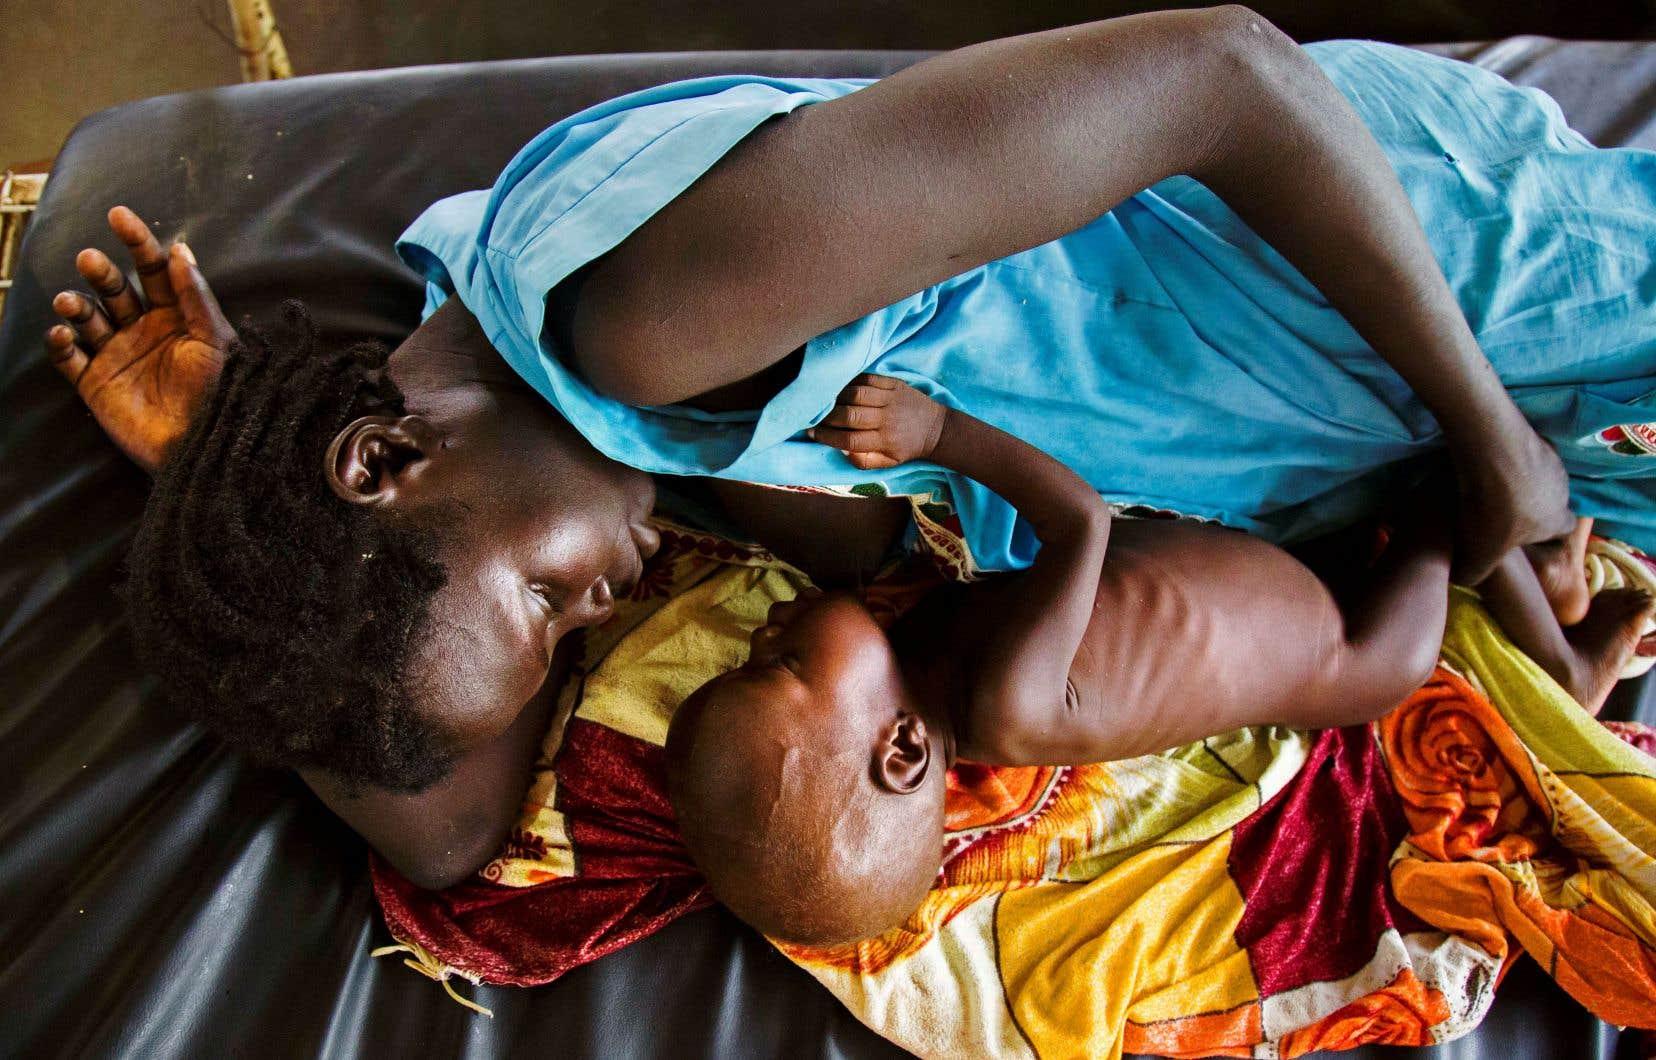 Plus de six millions de personnes risquent de souffrir de la faim sans aide humanitaire.